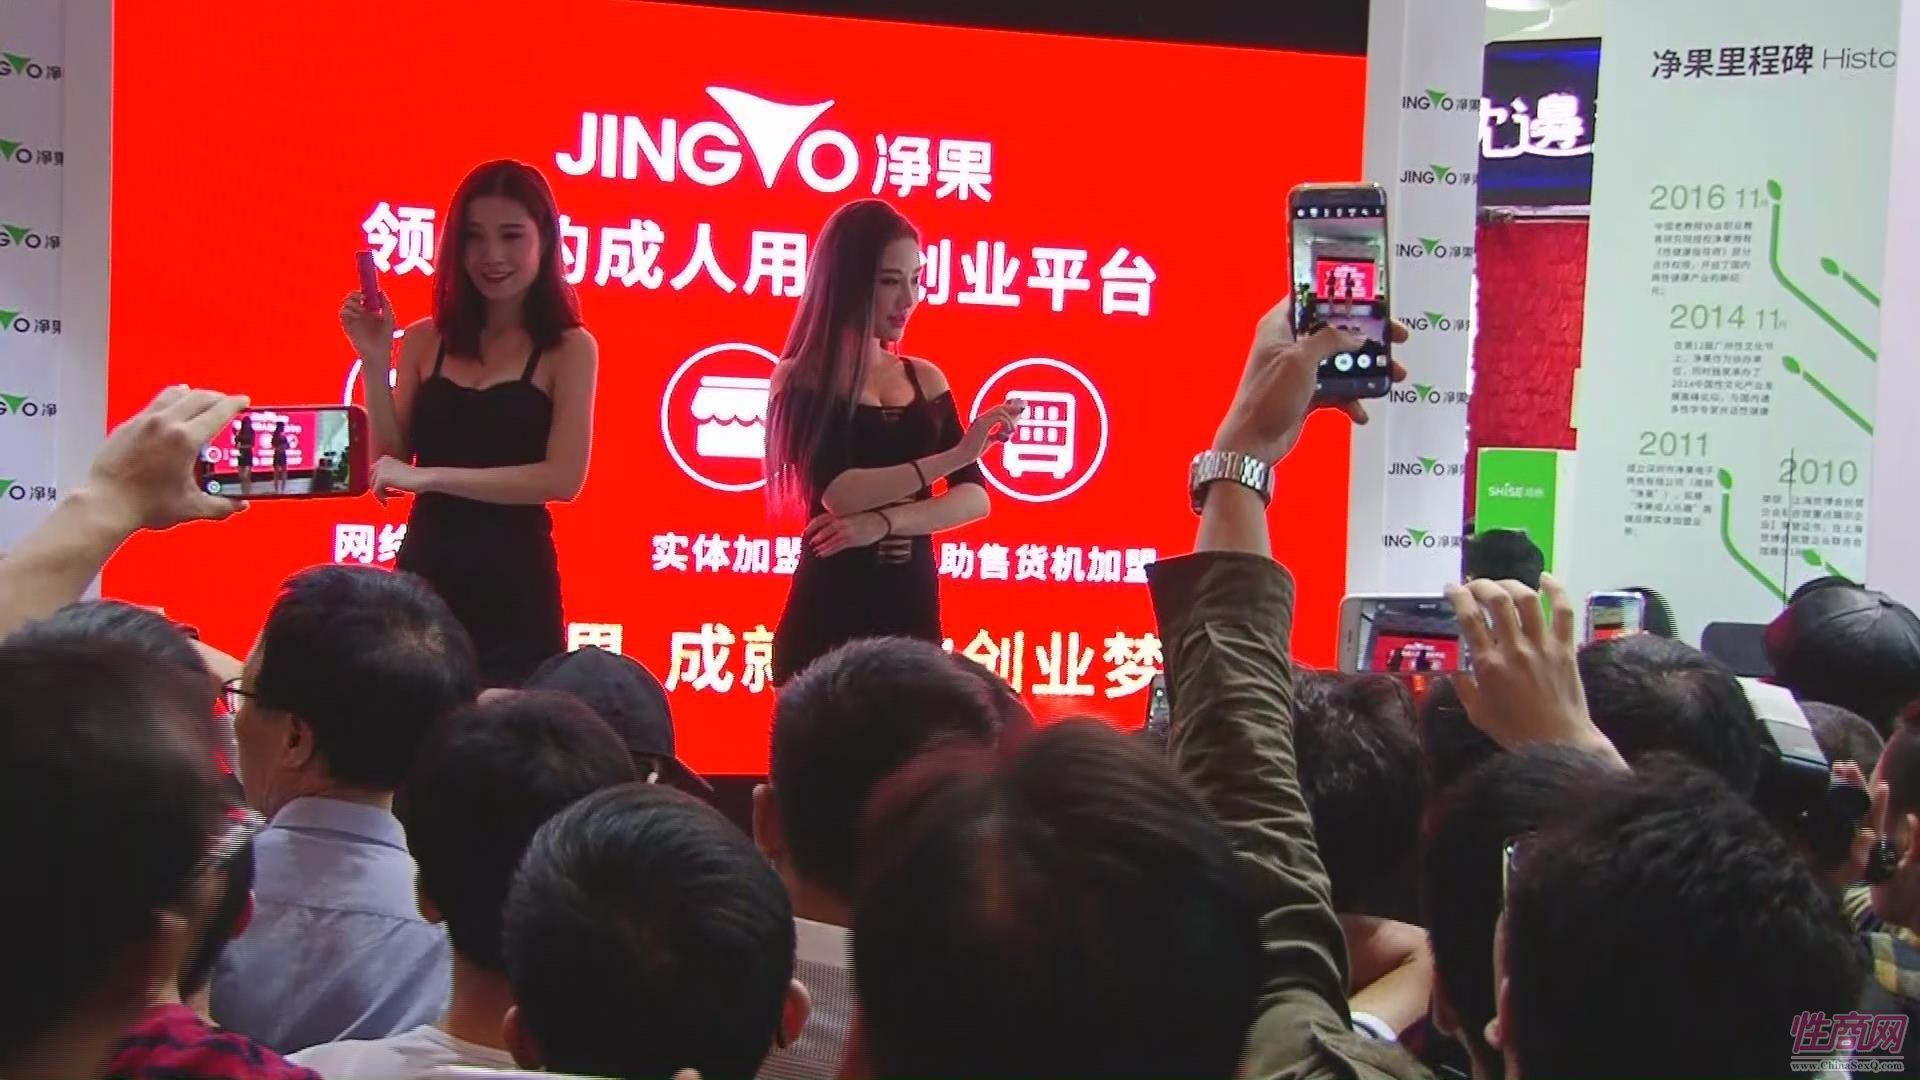 净果JingVo成人用品创业平台展位前人潮汹涌